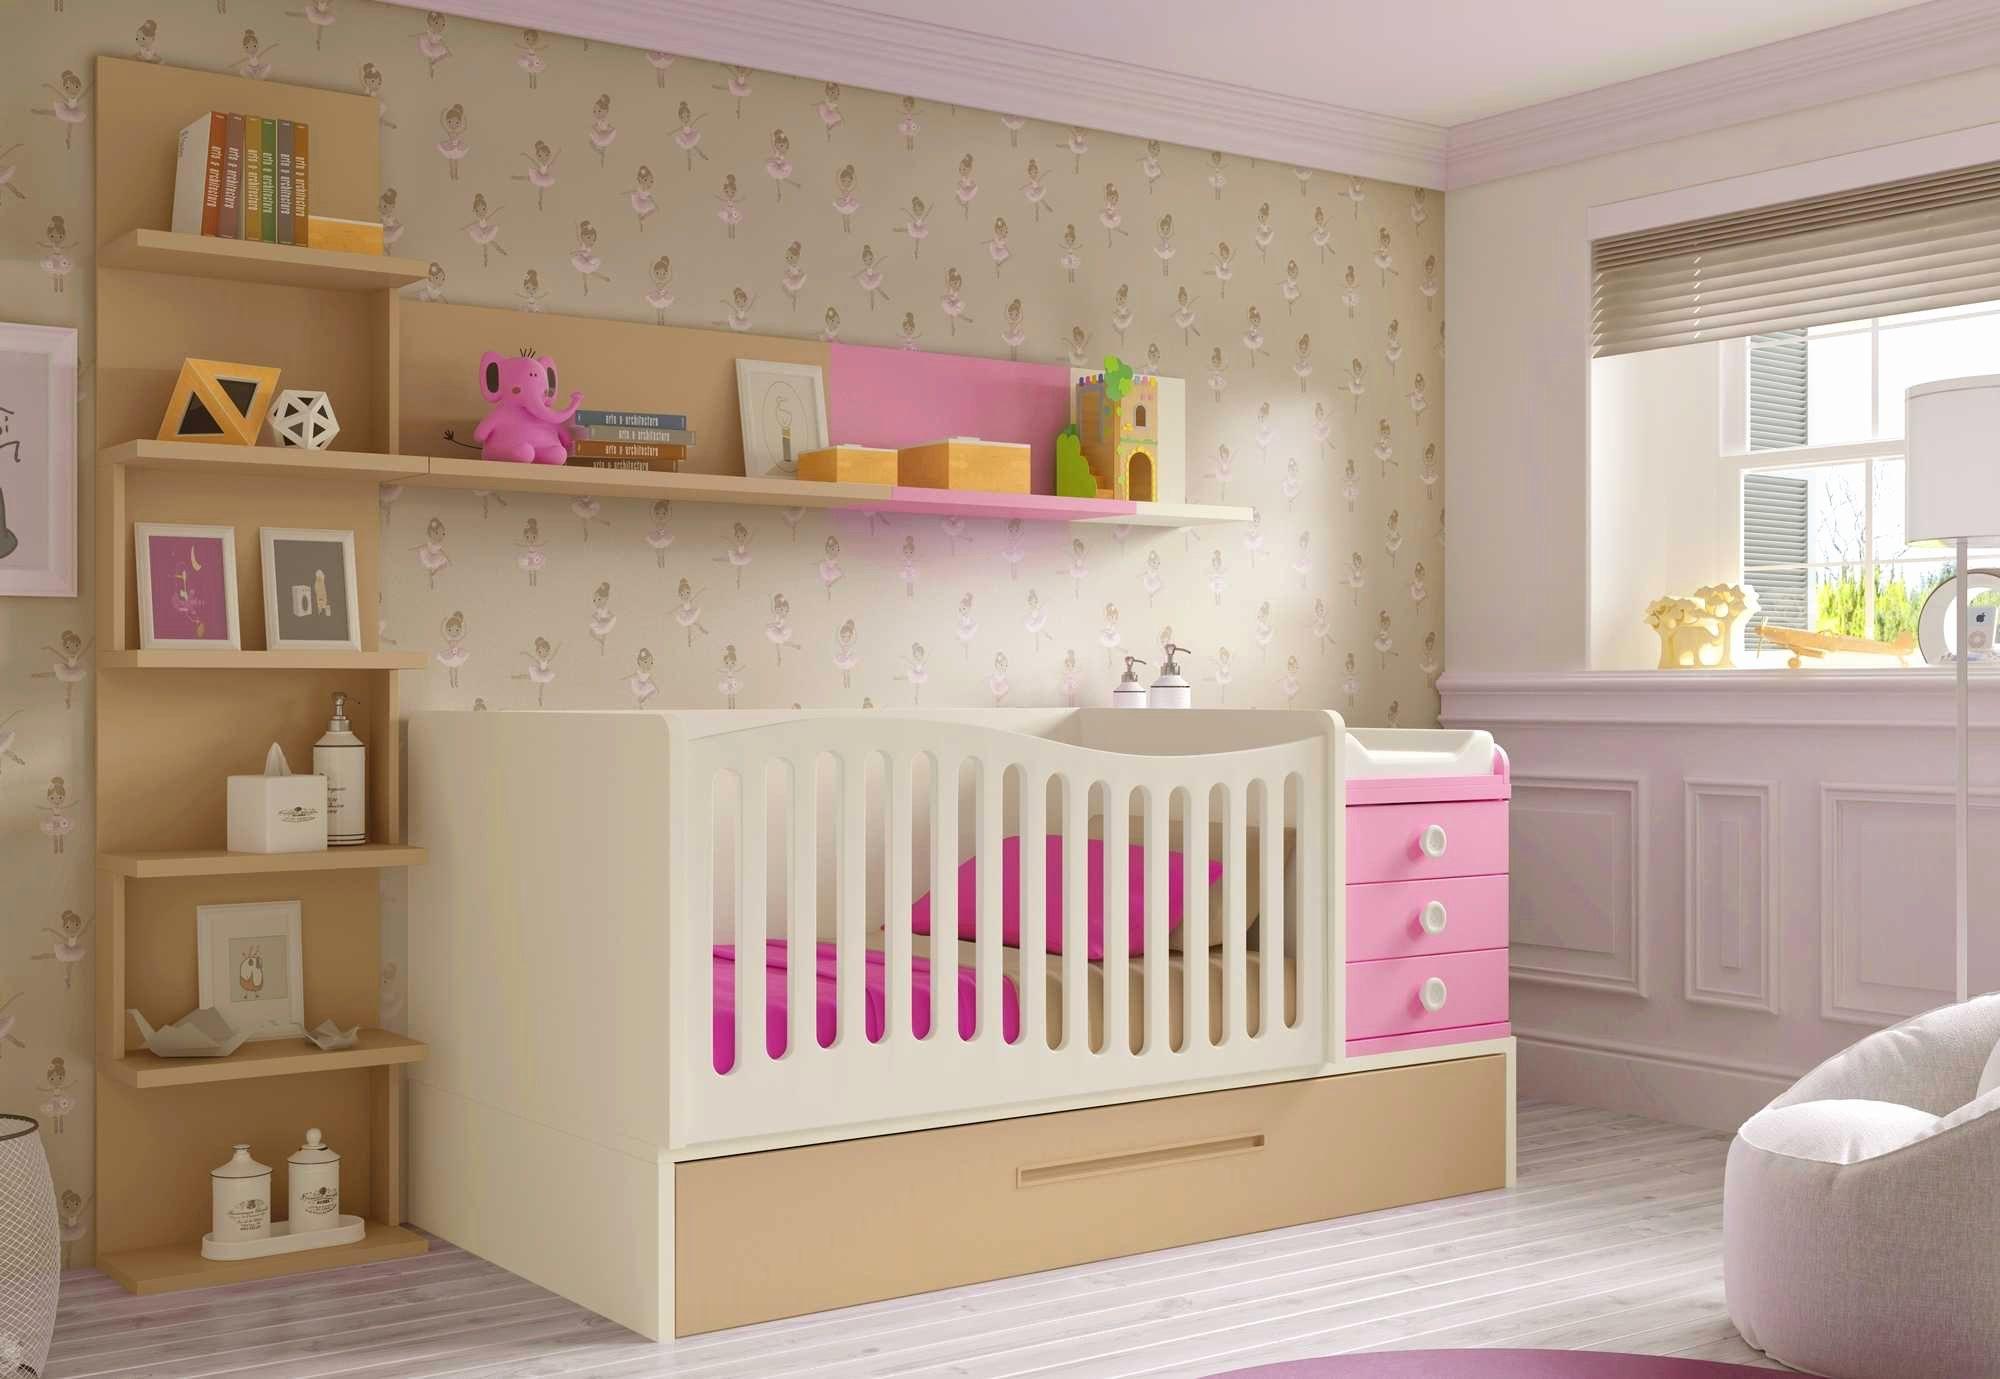 Jouet Lit Bébé Douce Engageant Chaise Haute Bébé Jouet  Chaise Bébé Nomade Tapis Chambre